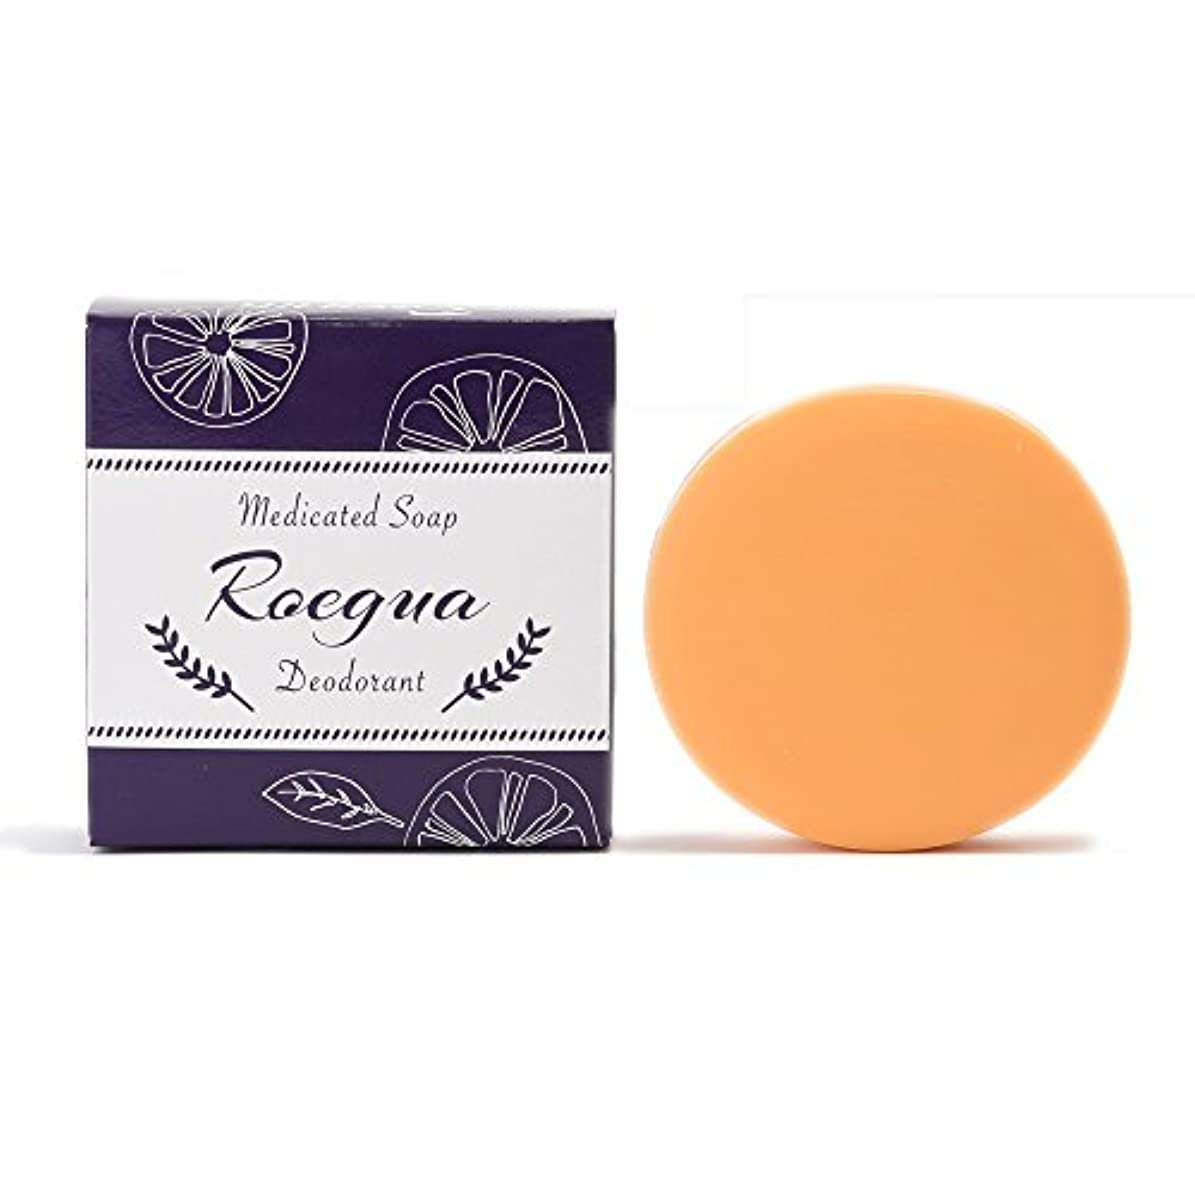 ロエグア ワキガ消臭石鹸 80g